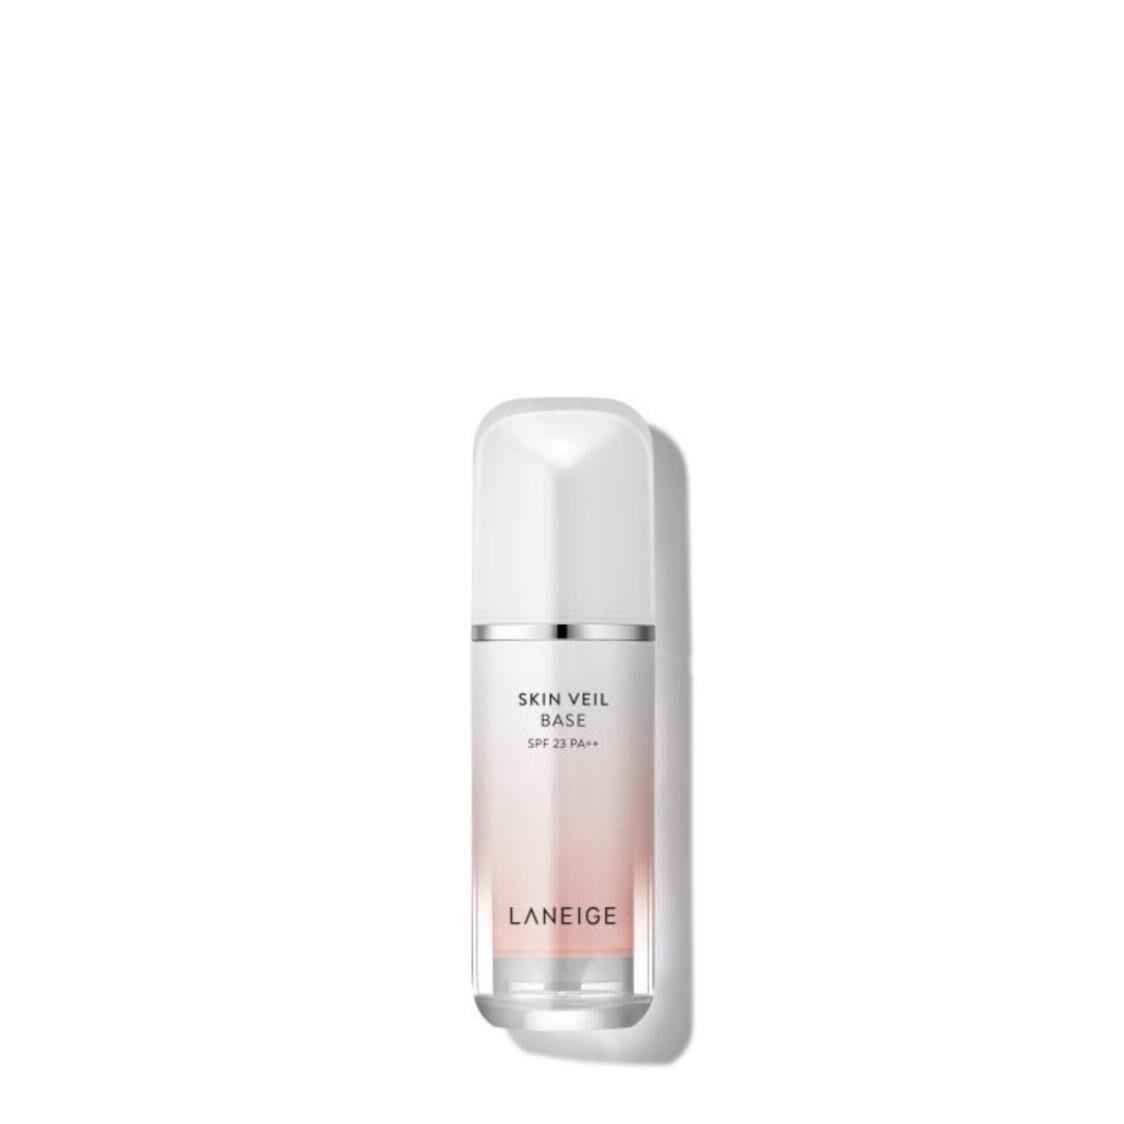 Laneige Skin Veil Base SPF 23 PA 20 Rosy Pink 30ml